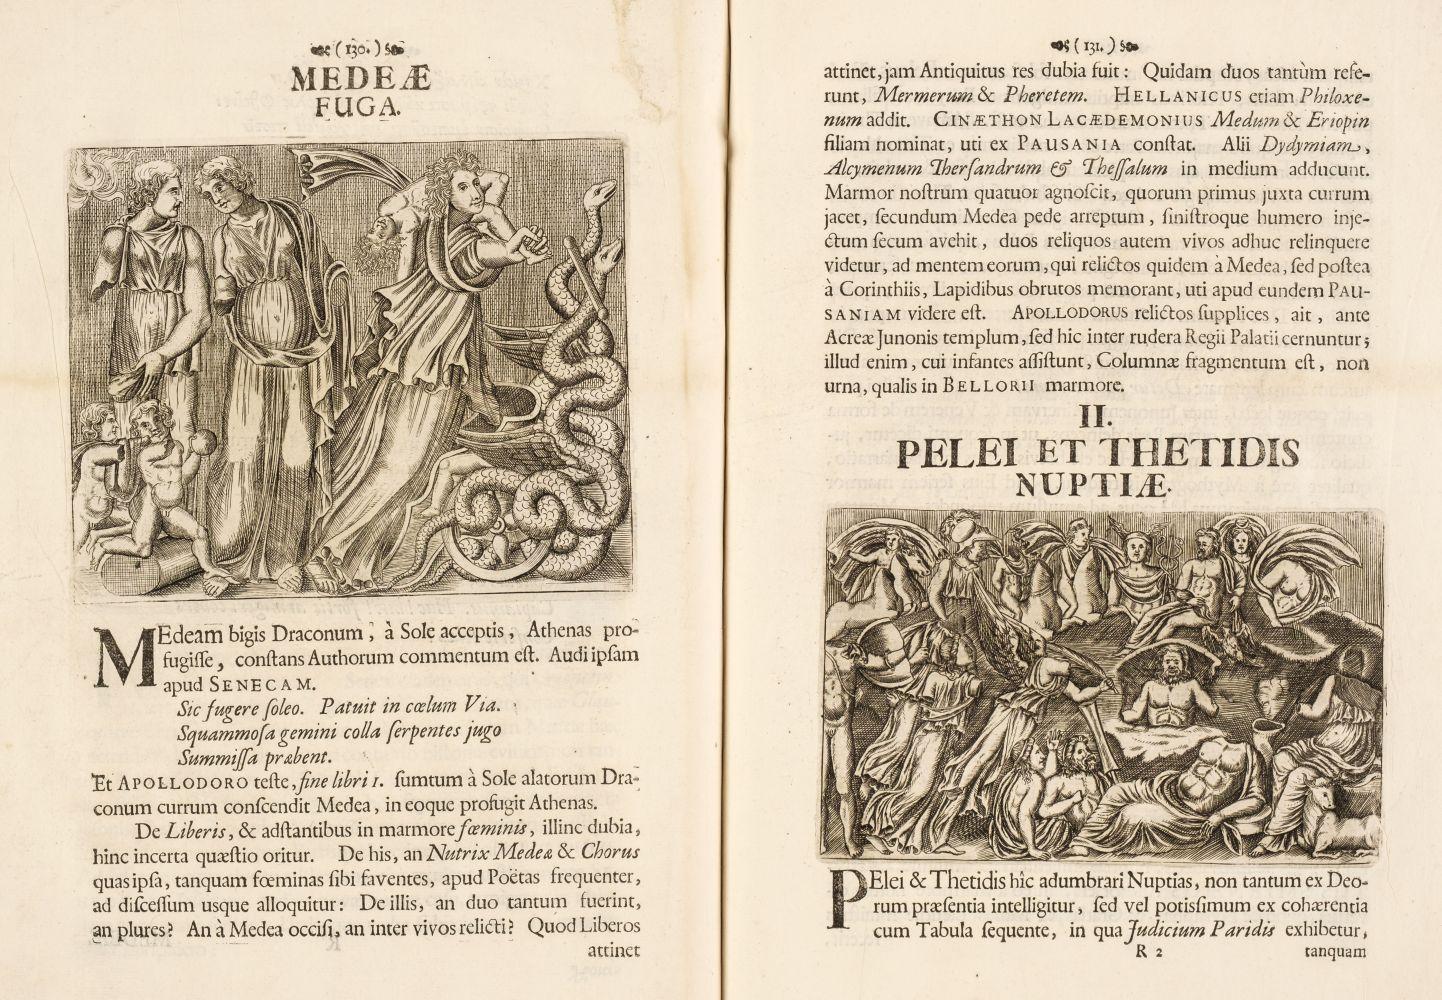 Beger (Lorenz). Spicilegium Antiquitatis..., [Berlin], 1692. - Image 2 of 4